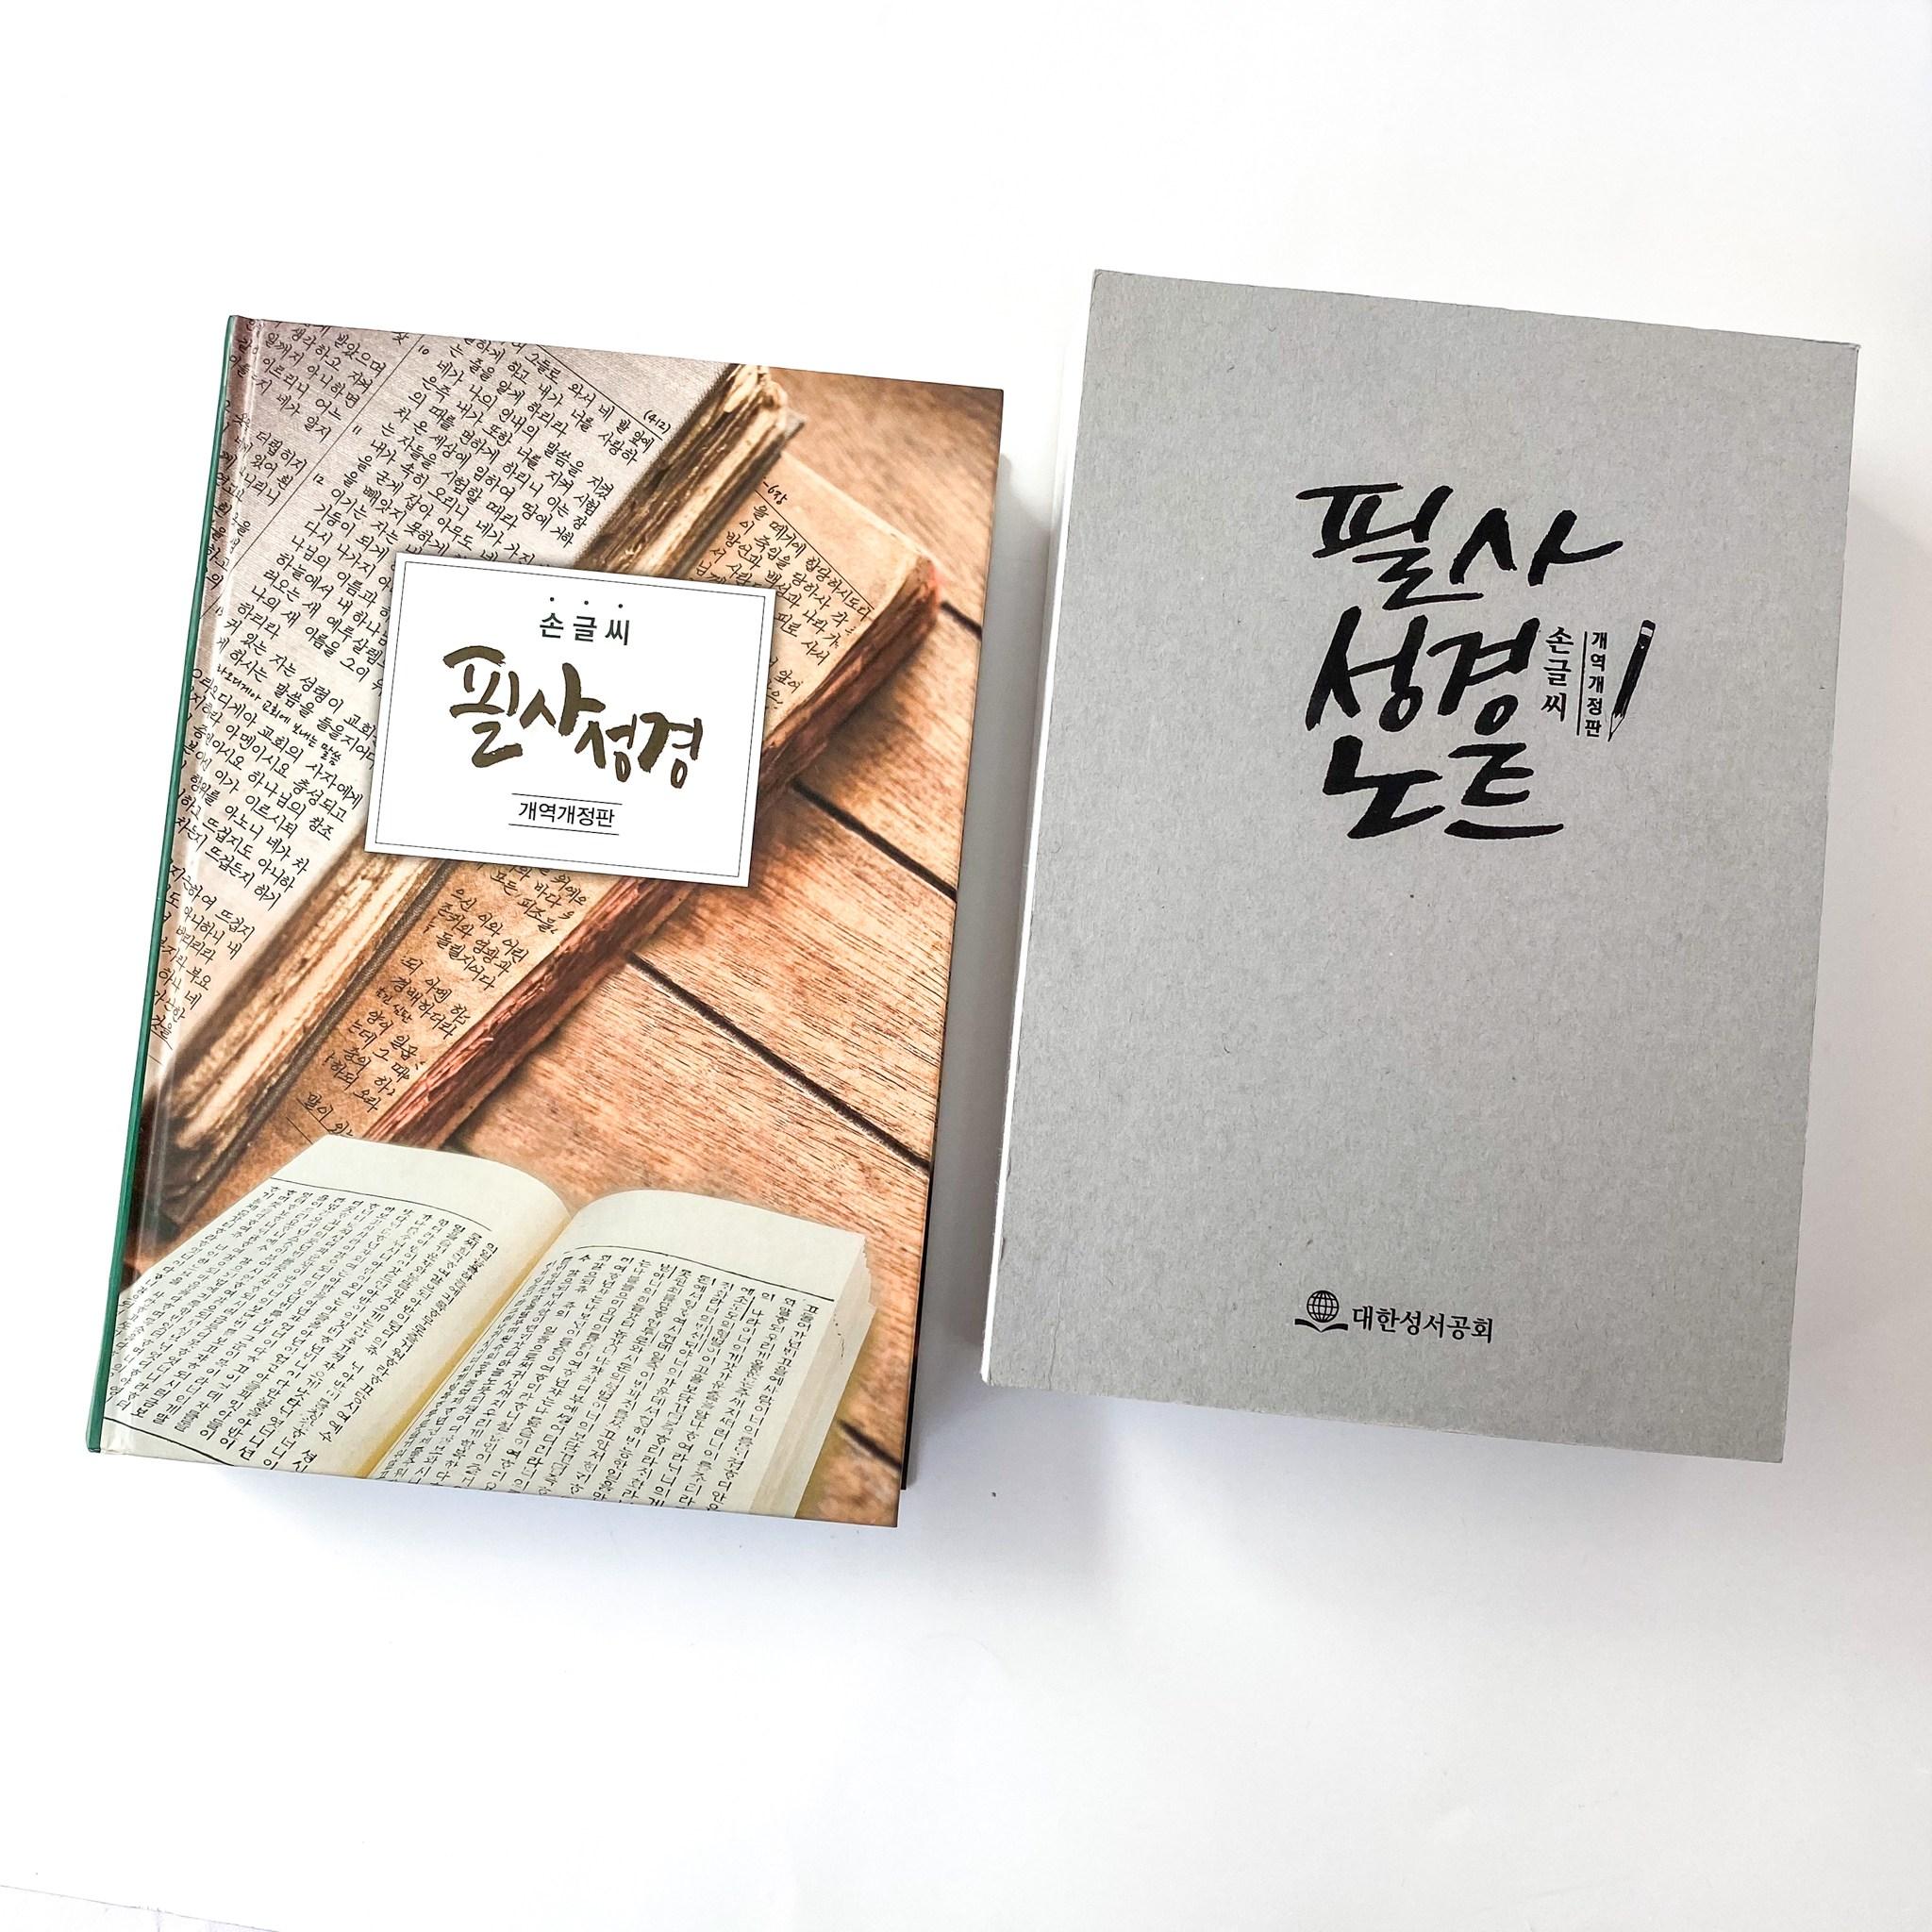 (성경책 포함) 손글씨 성경필사 성경쓰기 노트 따라쓰기